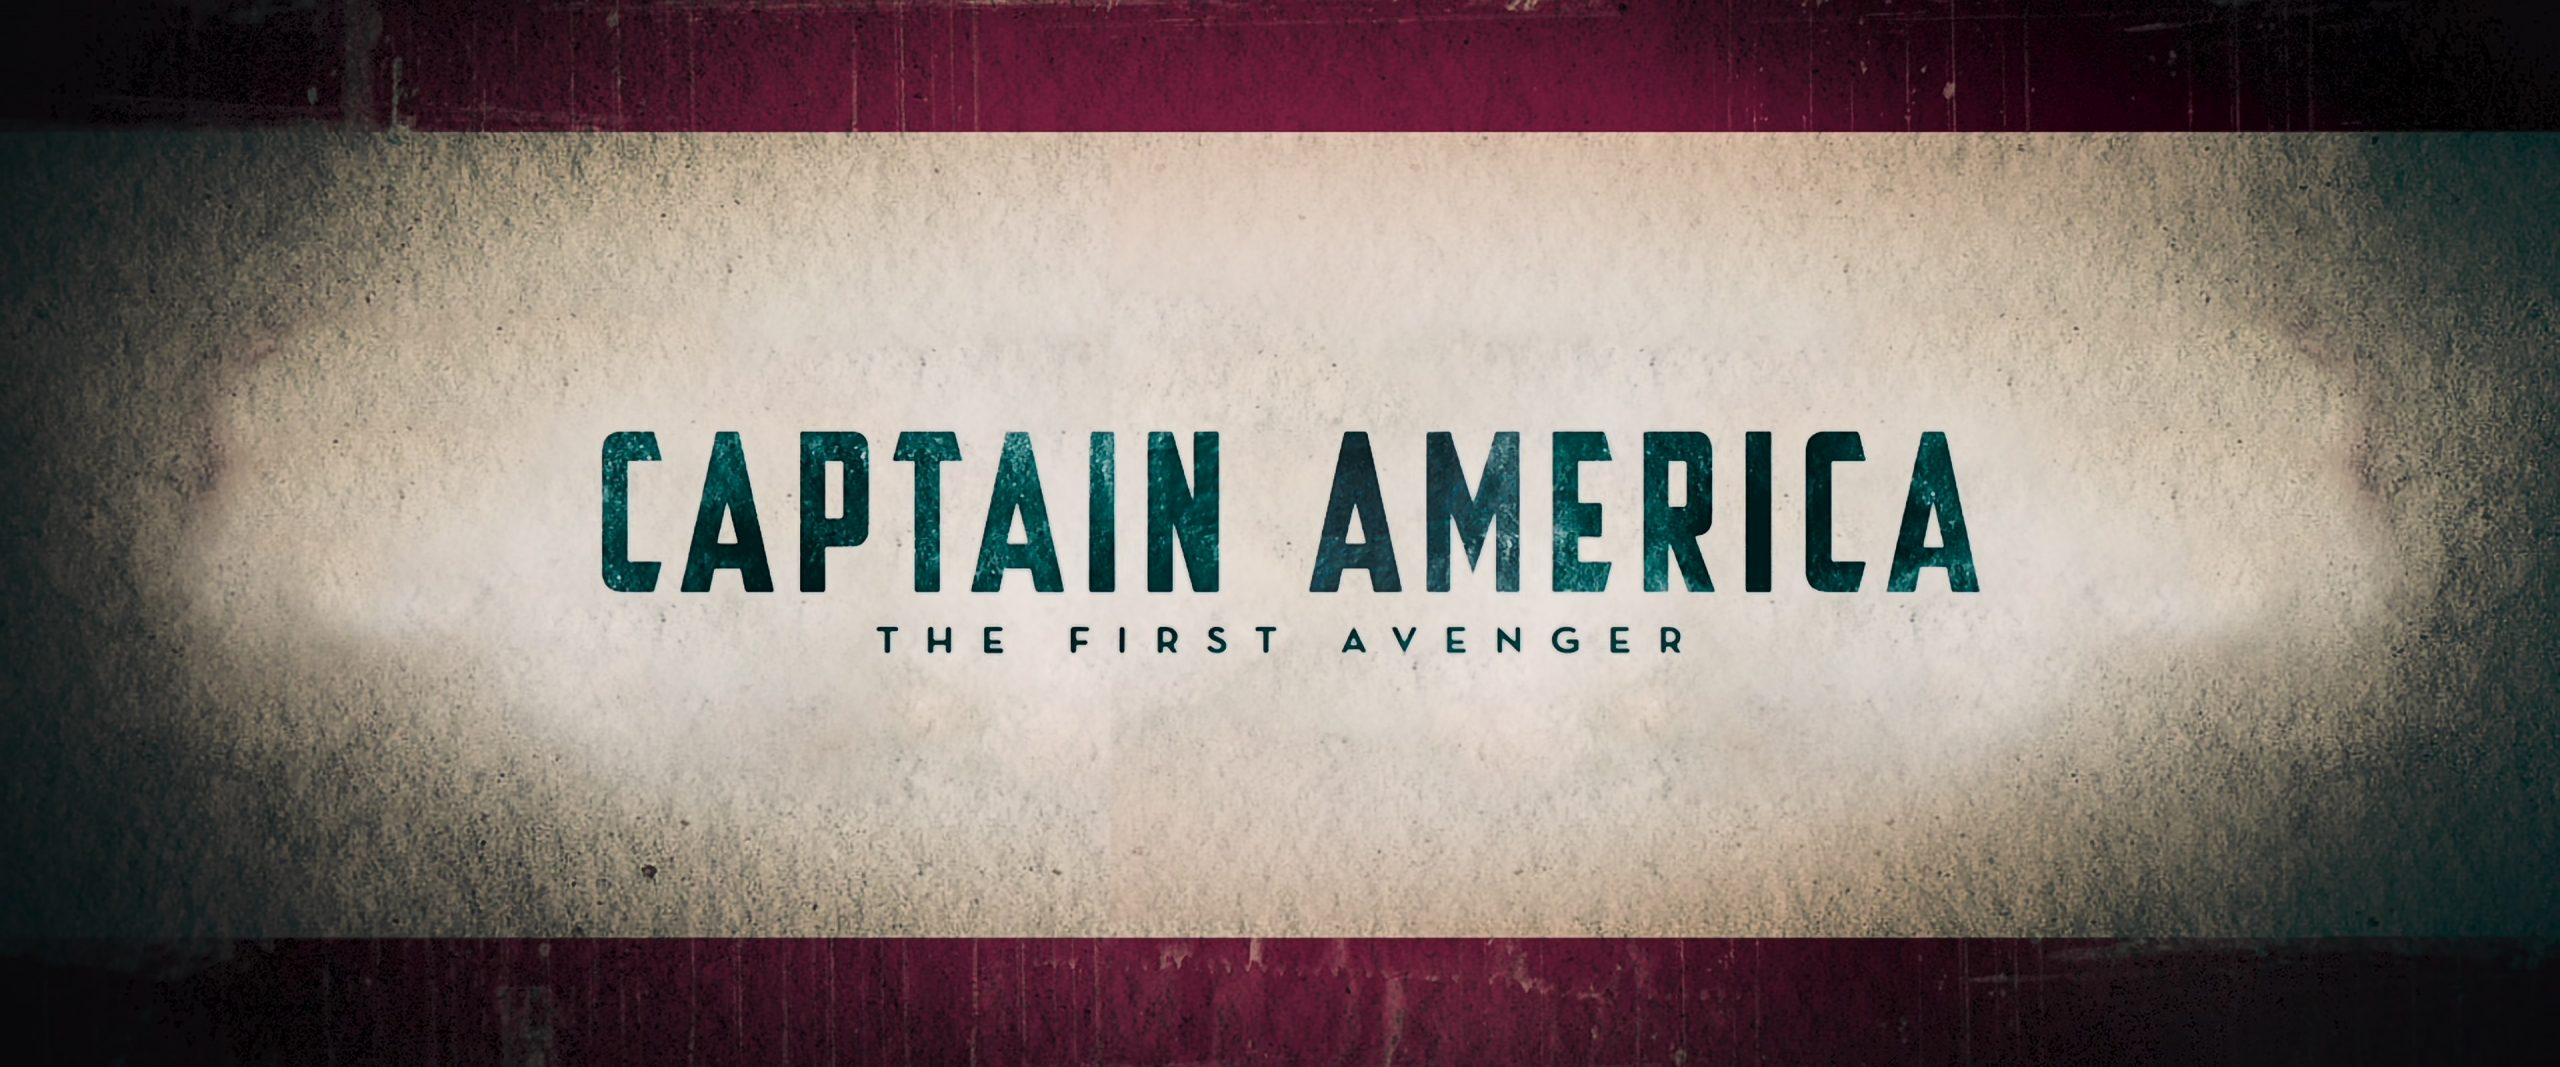 Captain America: The First Avenger (2011) [4K]